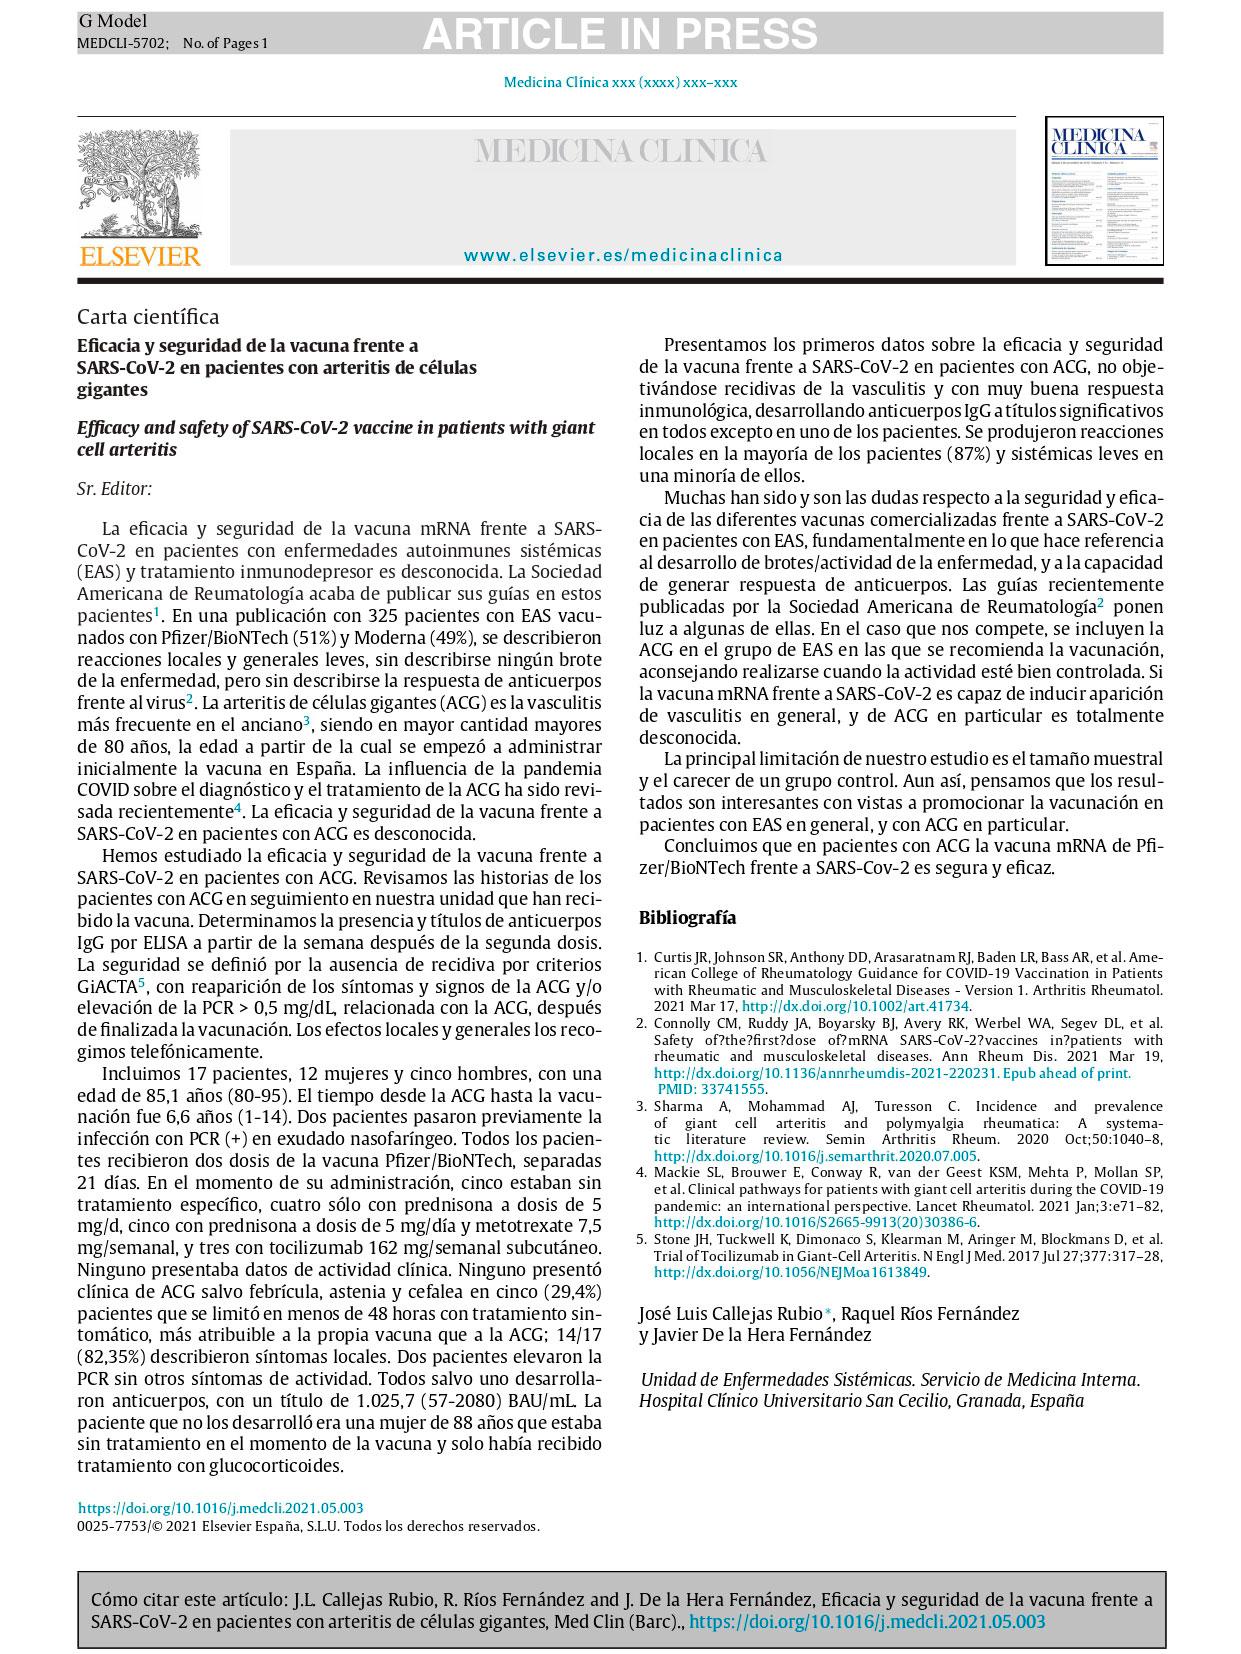 Vacuna frente a SARS-CoV-2 en pacientes con arteritis de células gigantes